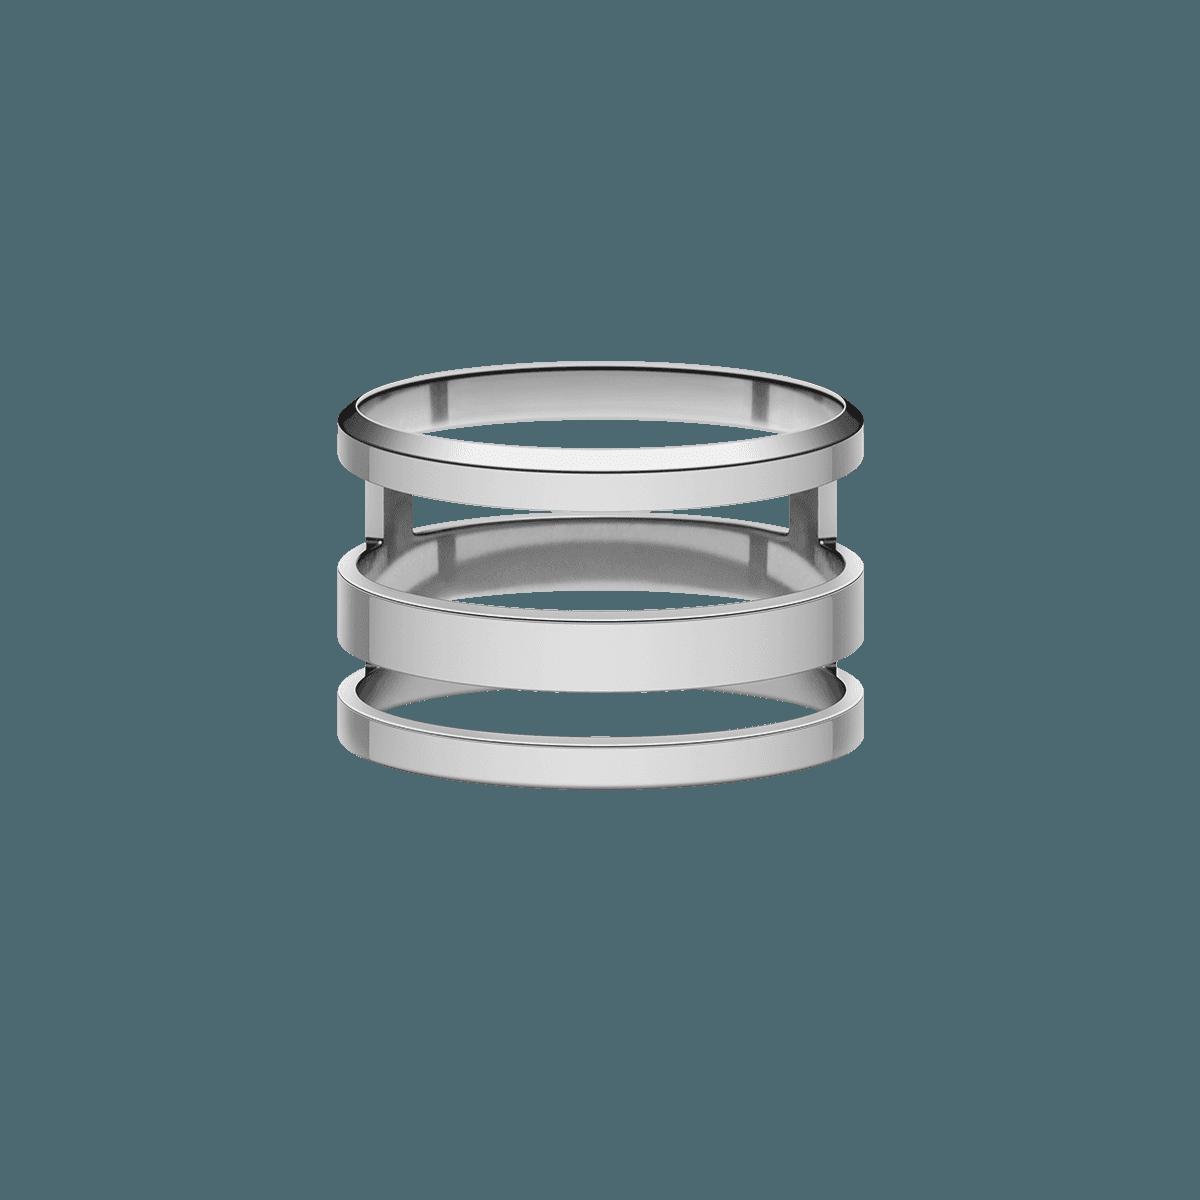 Elan Triad Ring Silver 52